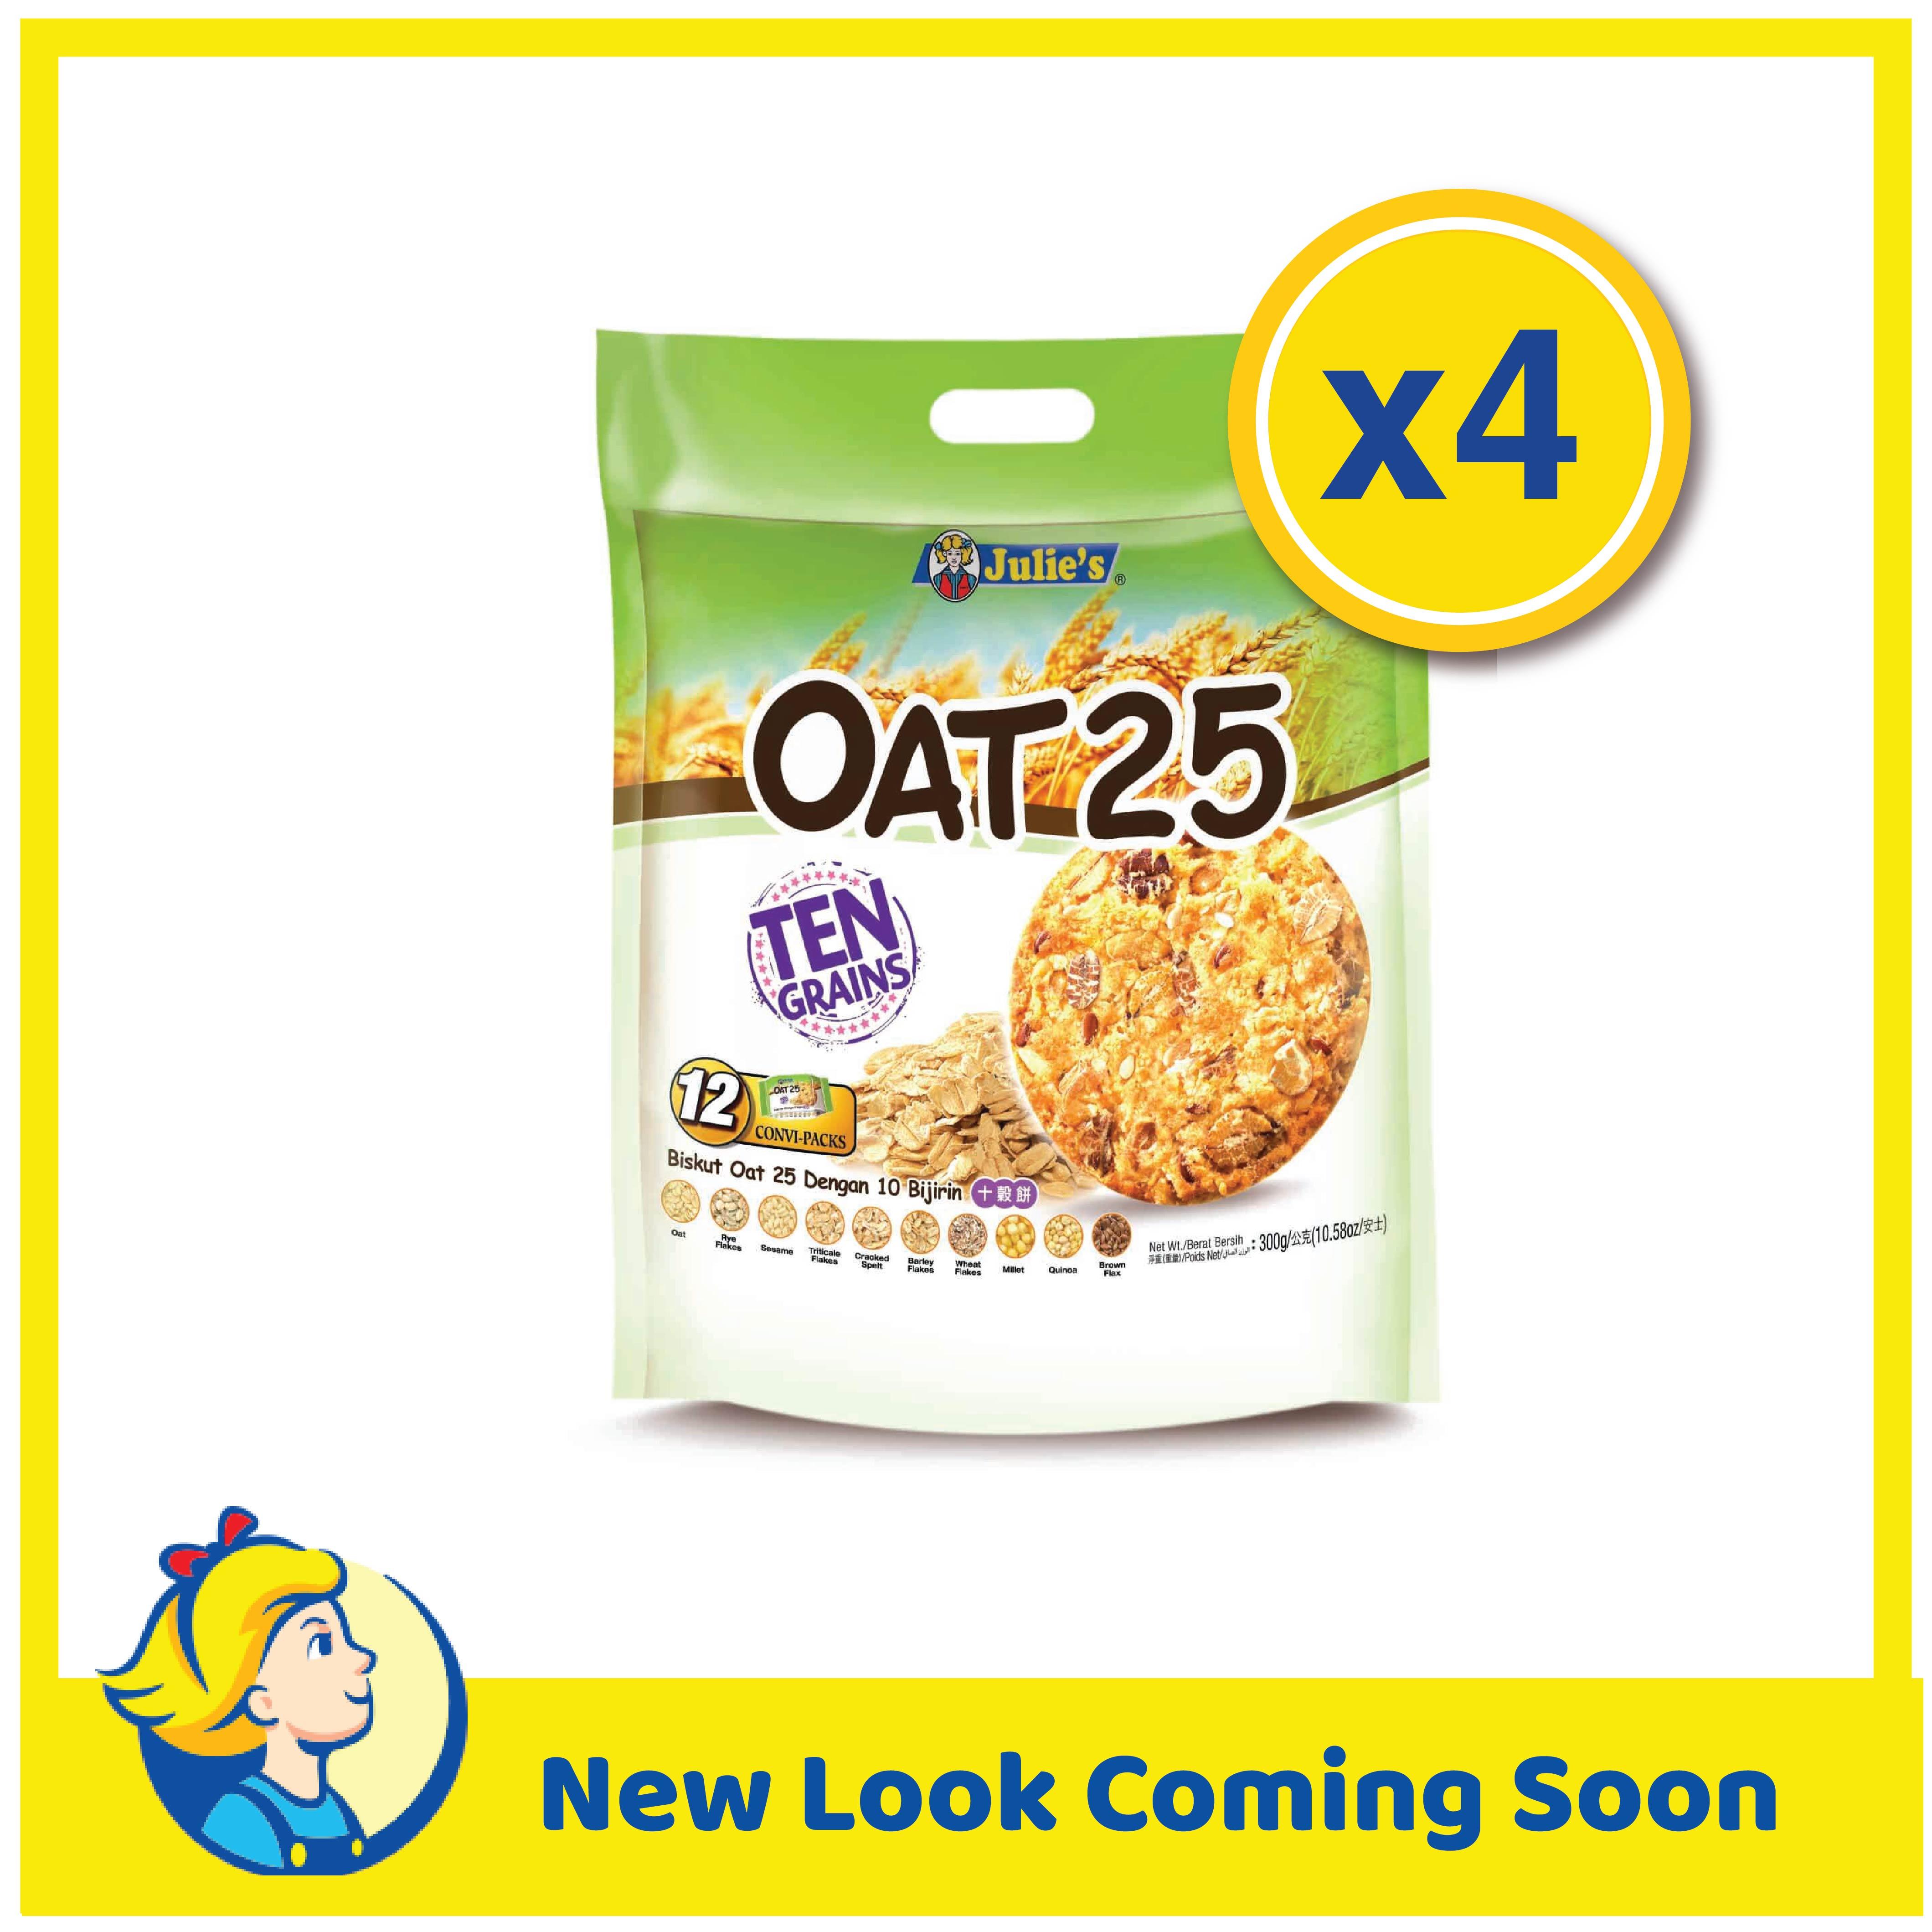 Julies Oat25 Ten Grains 300g x 4 Packs